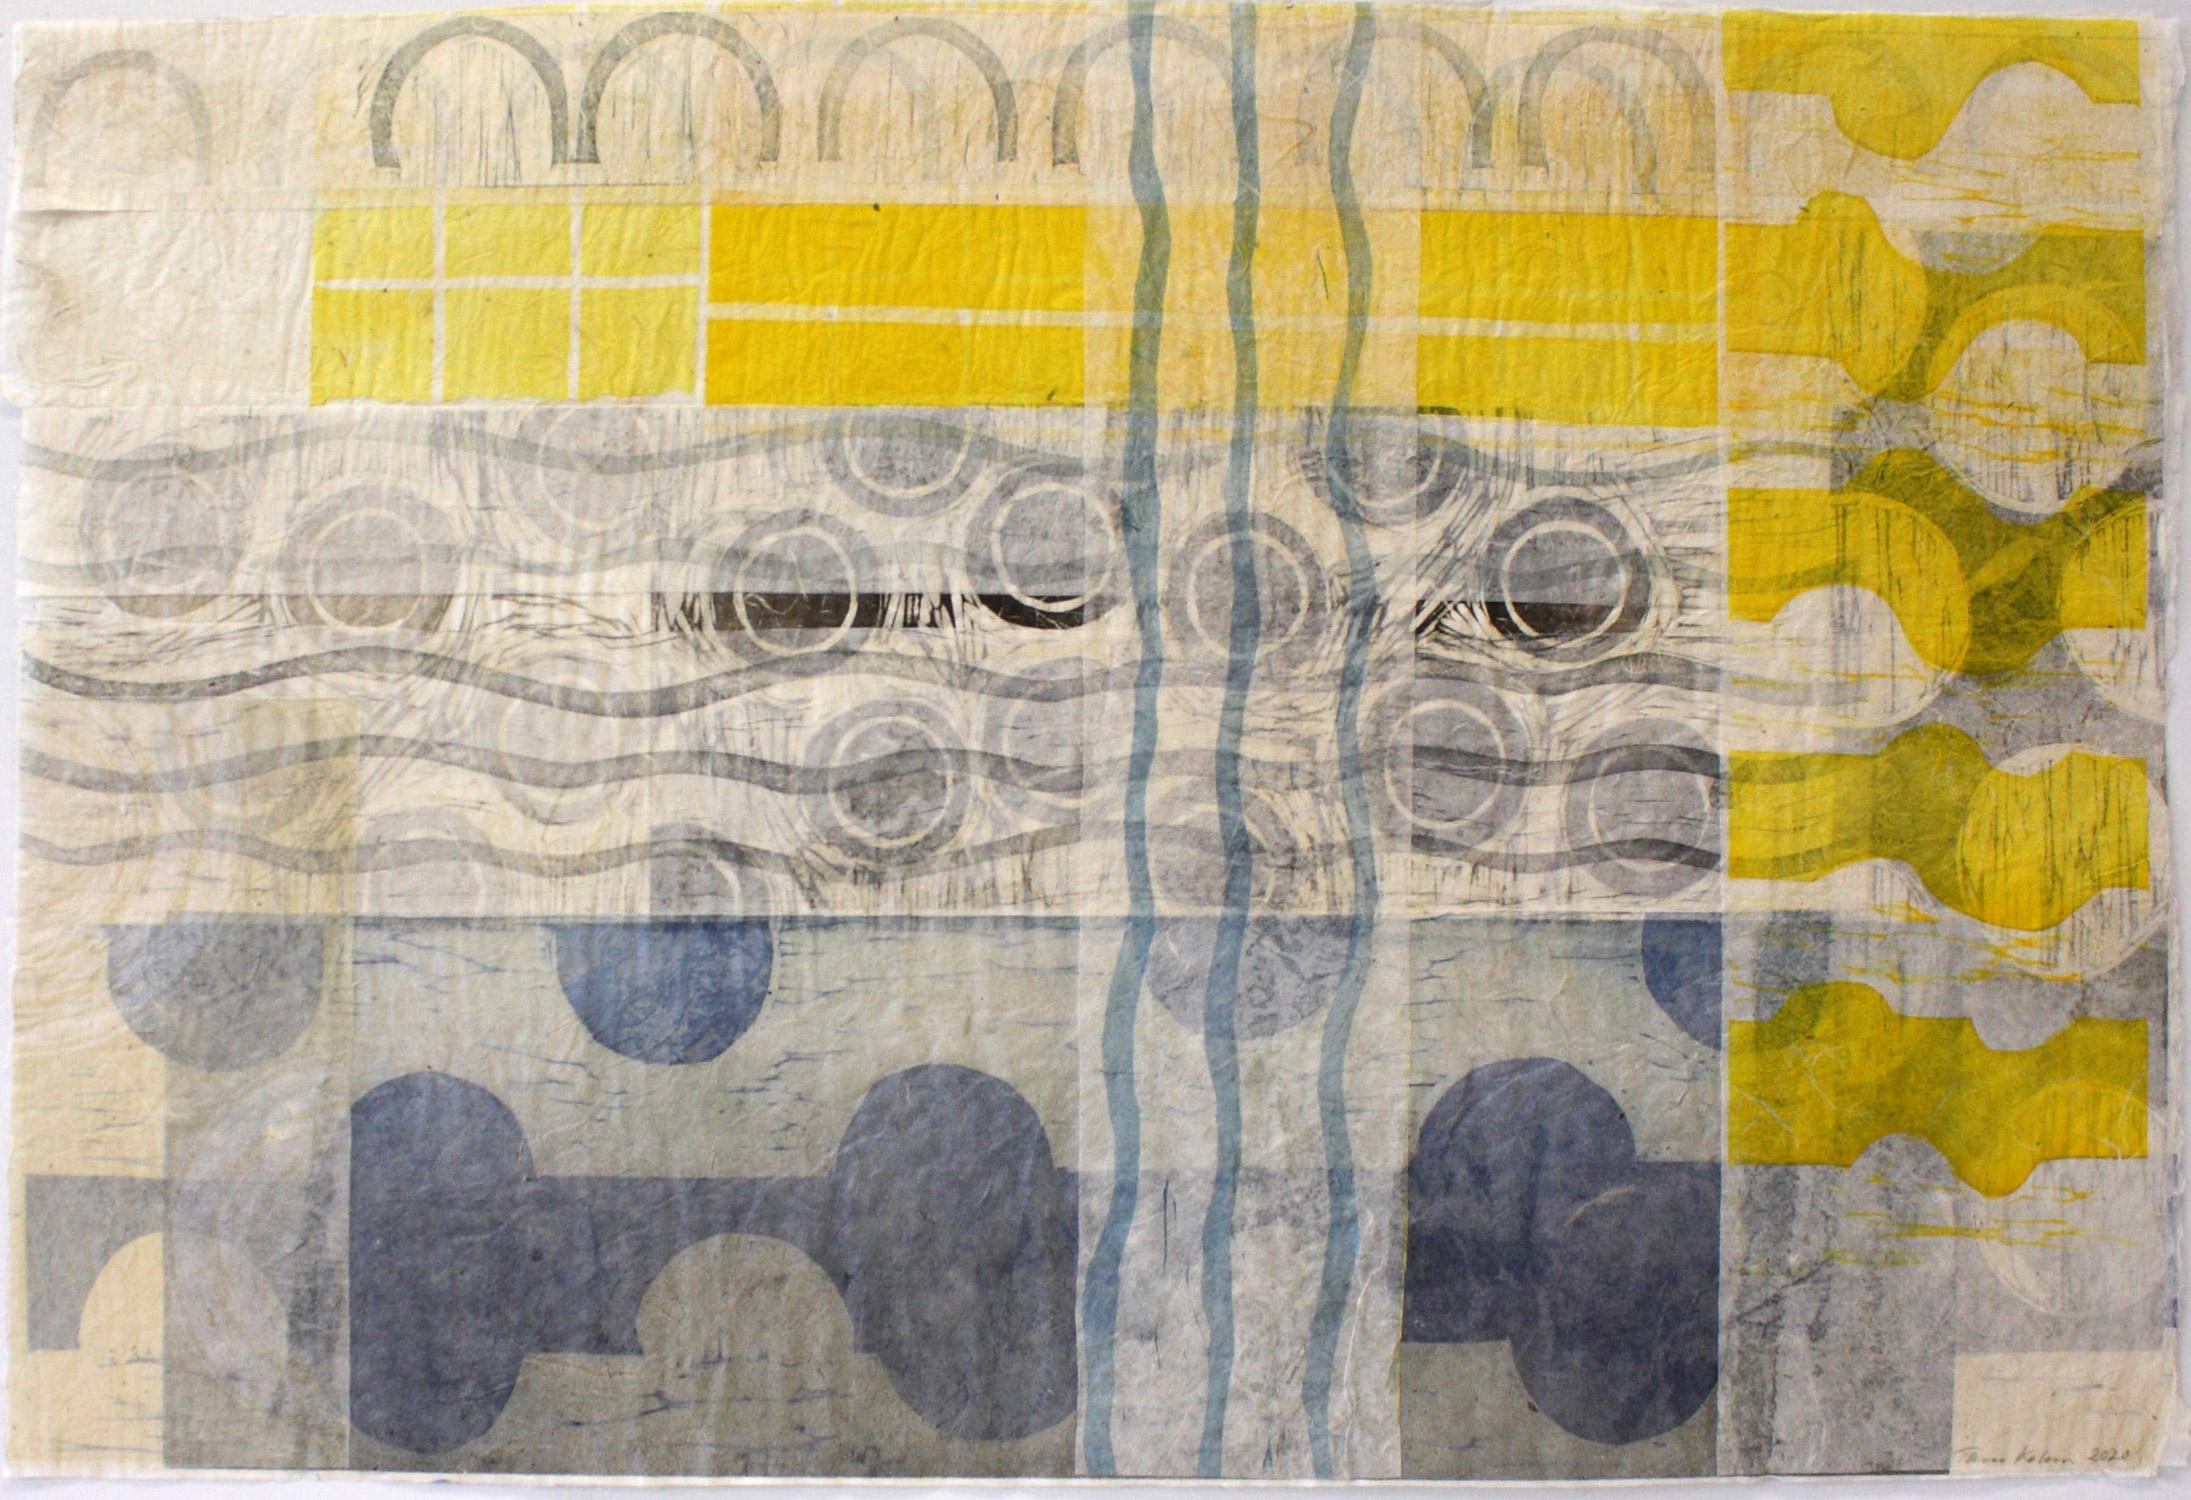 Asiat aaltoilee 4/Things Waving 4, 2020, puupiirroskollaasi/woodcut collage, 51x77cm